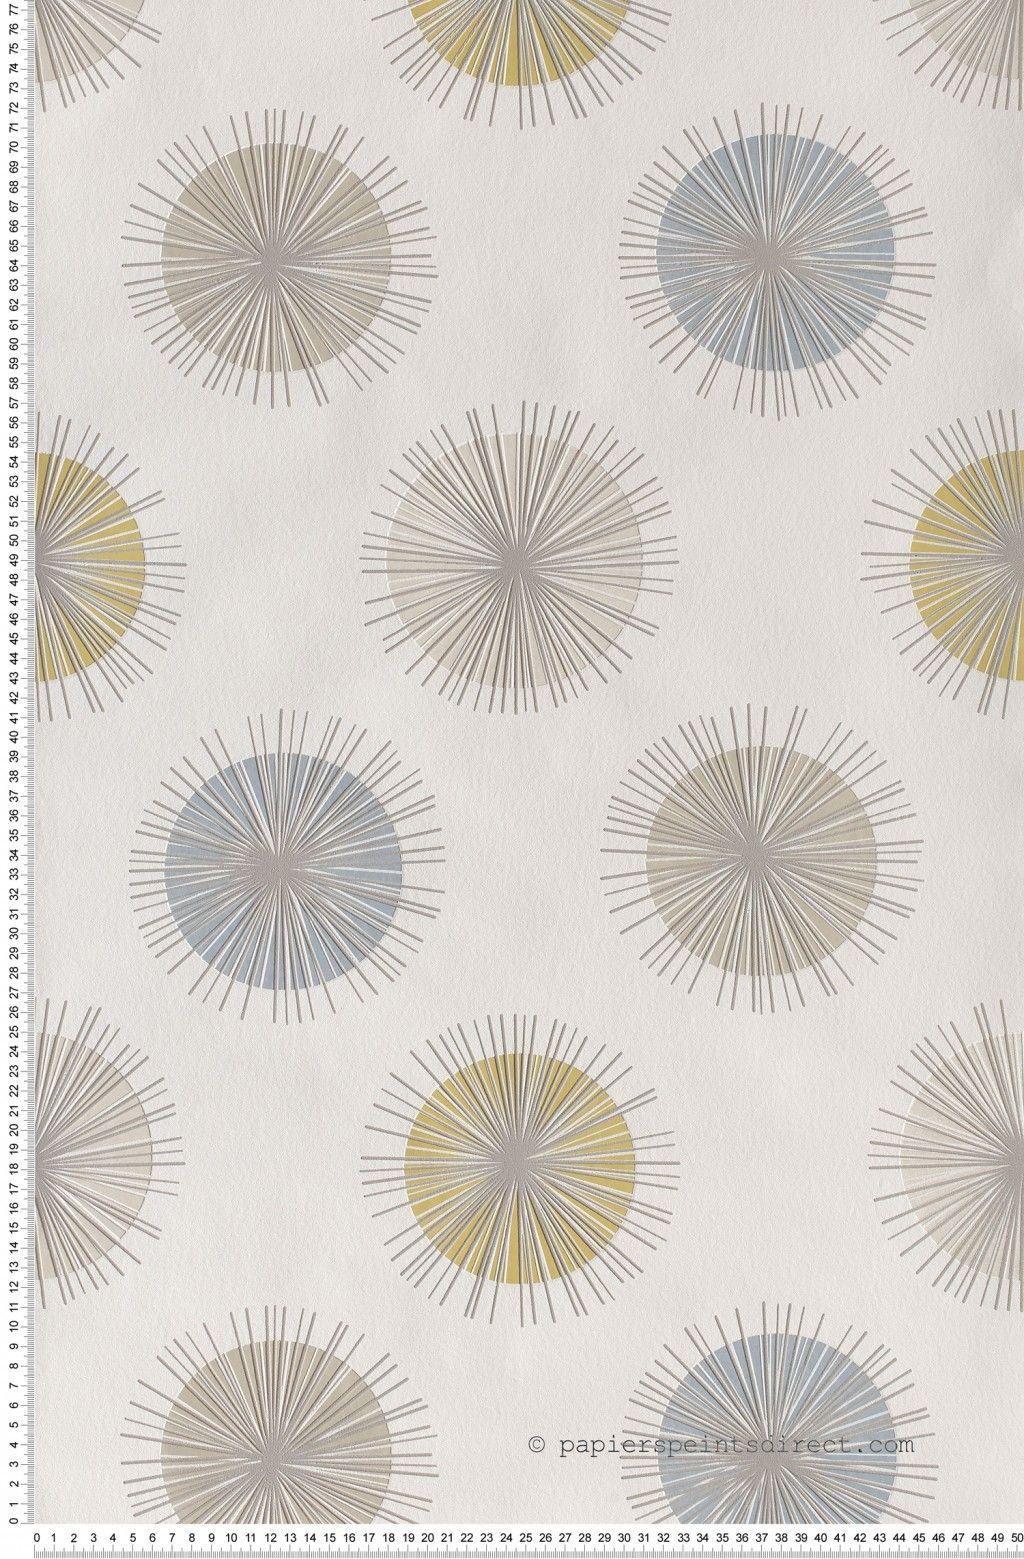 papier peint soleil graphique moutard papier peint skandinavia de lutece papier peint. Black Bedroom Furniture Sets. Home Design Ideas